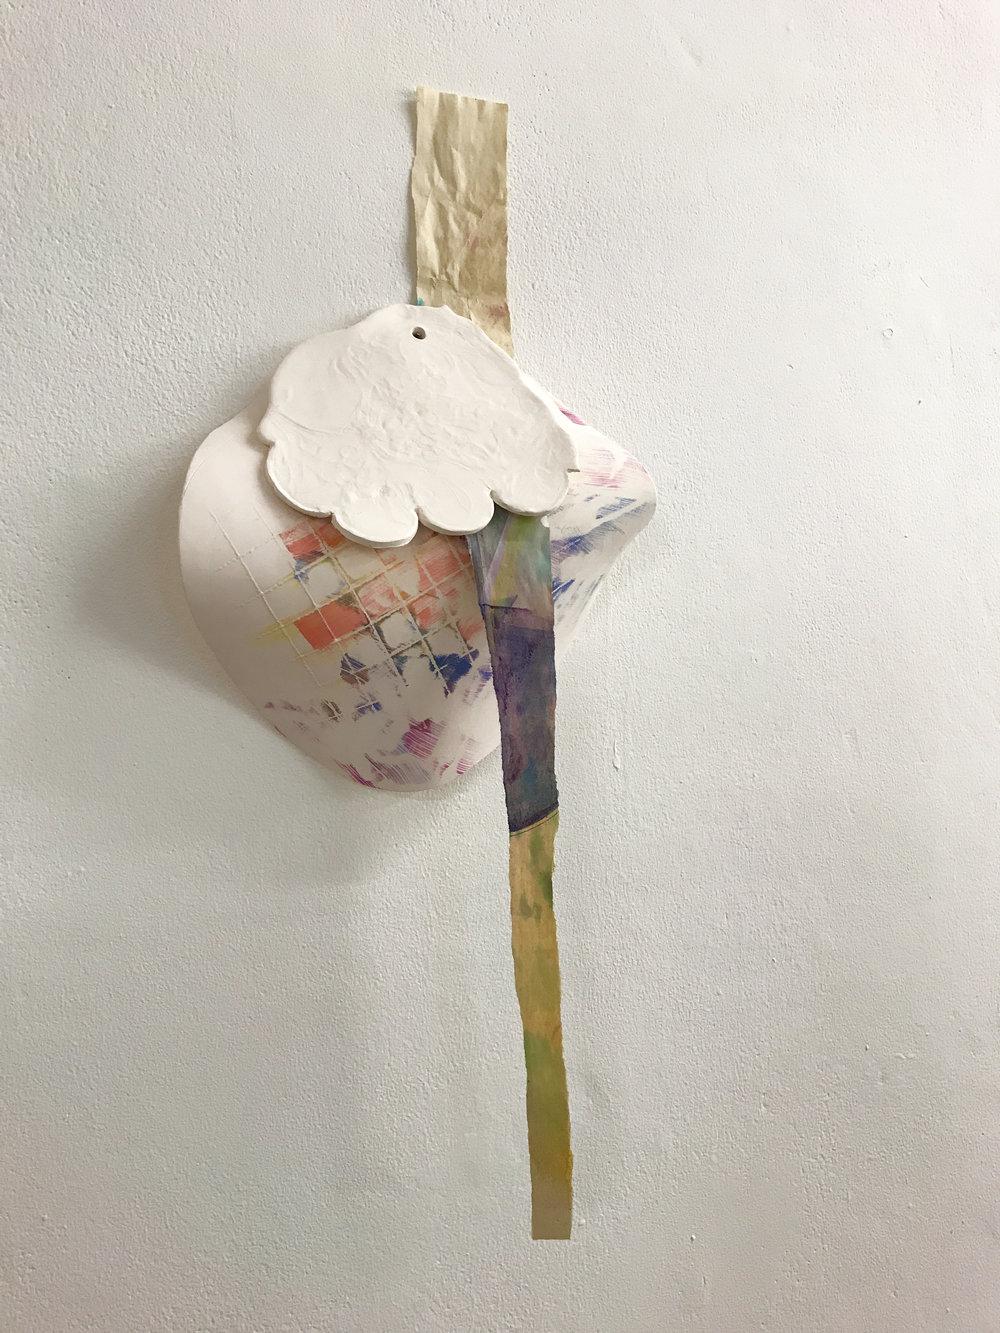 Paper, watercolour, oil paint, unglazed porcelain, 2018